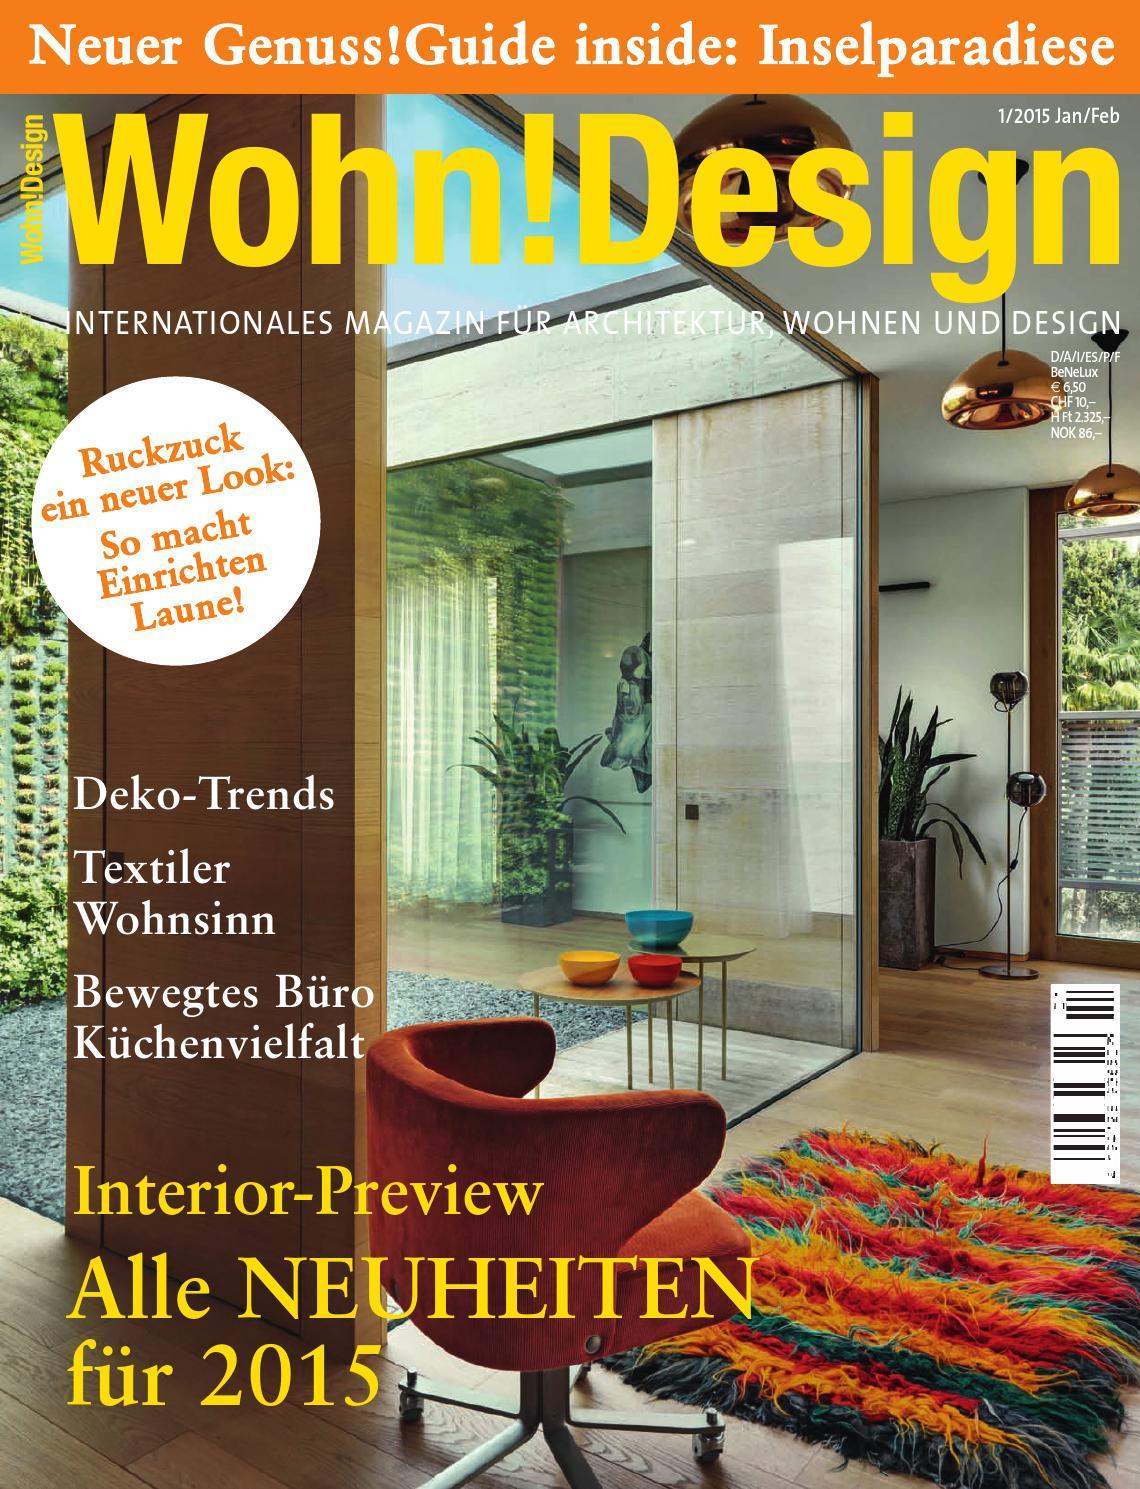 Wohn!Design 1/2015 by Wohn!Design - issuu